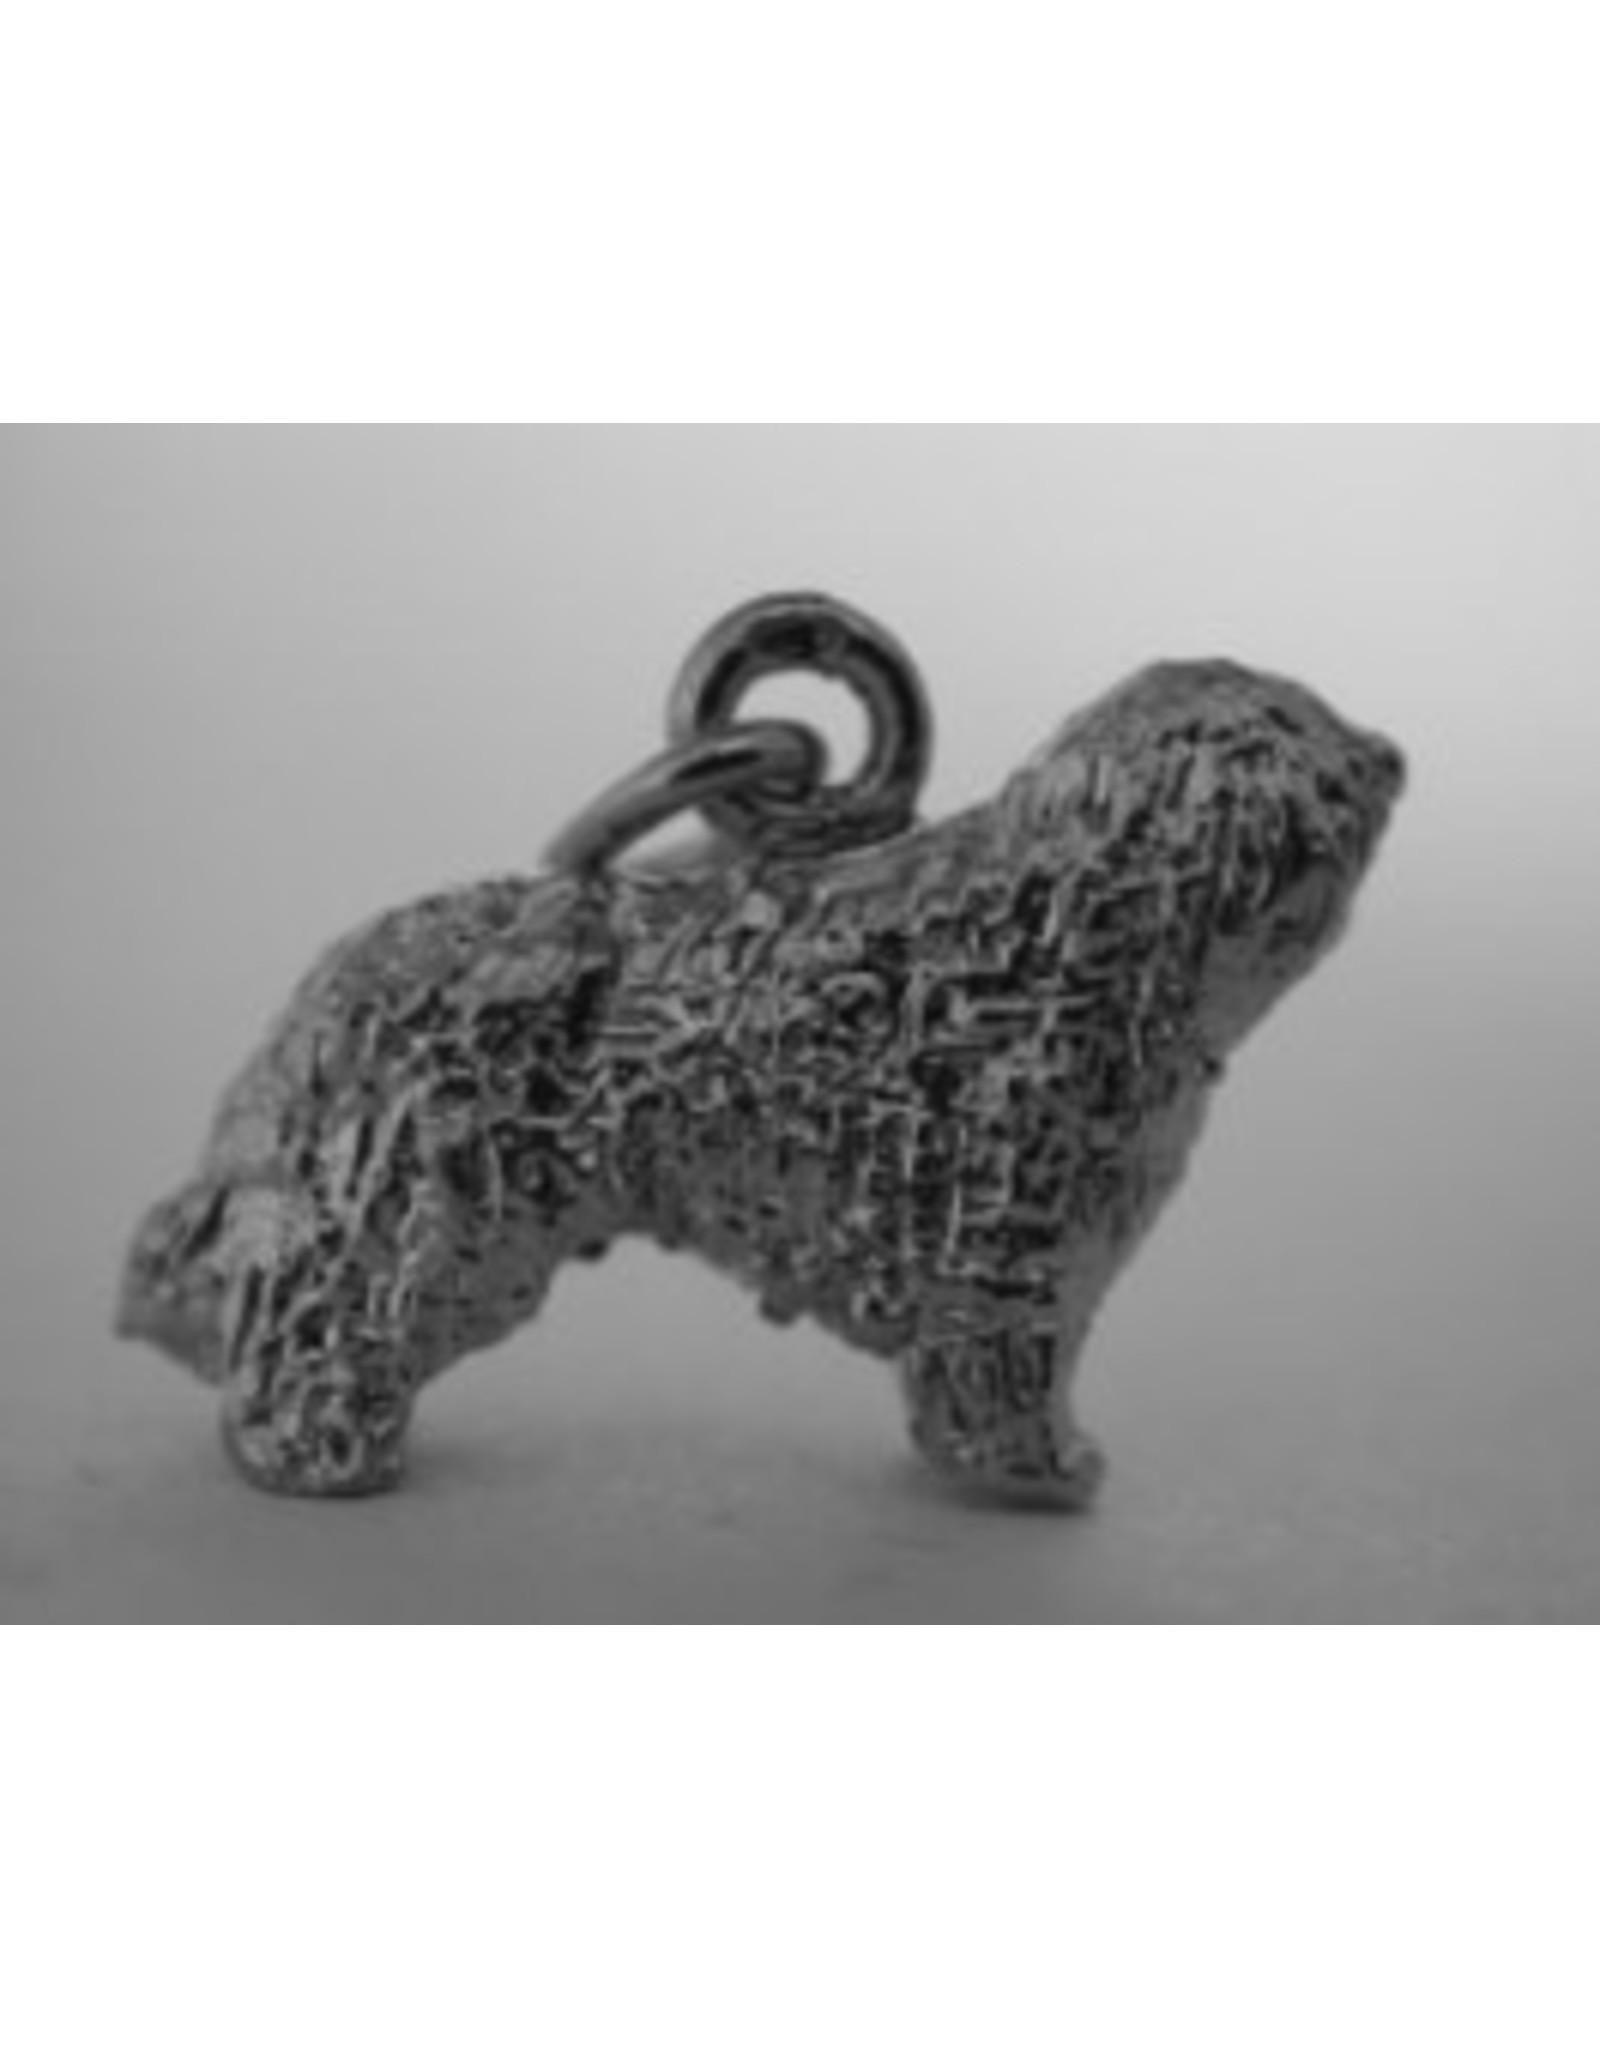 Handmade by Hanneke Weigel Zilveren Spaanse waterhond